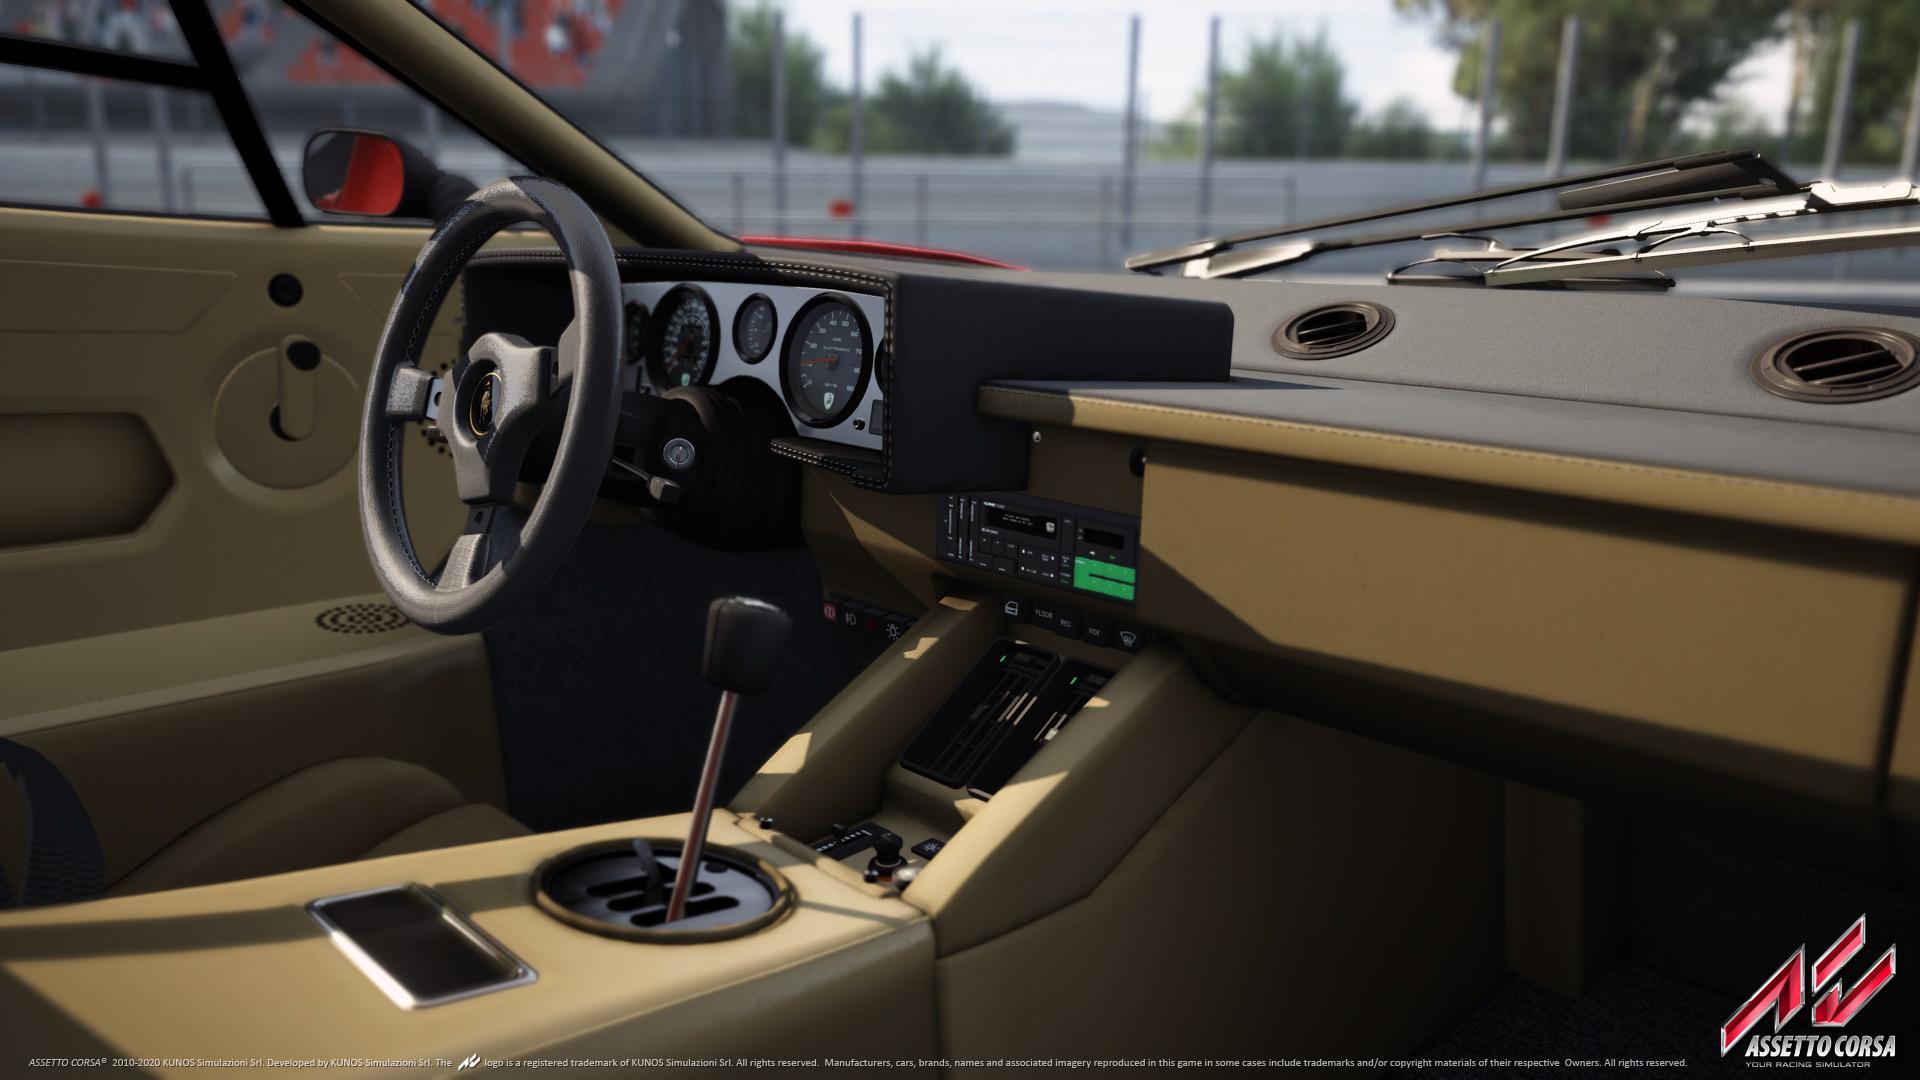 Devět nových vozů a spousta vylepšení pro Assetto Corsa 114823